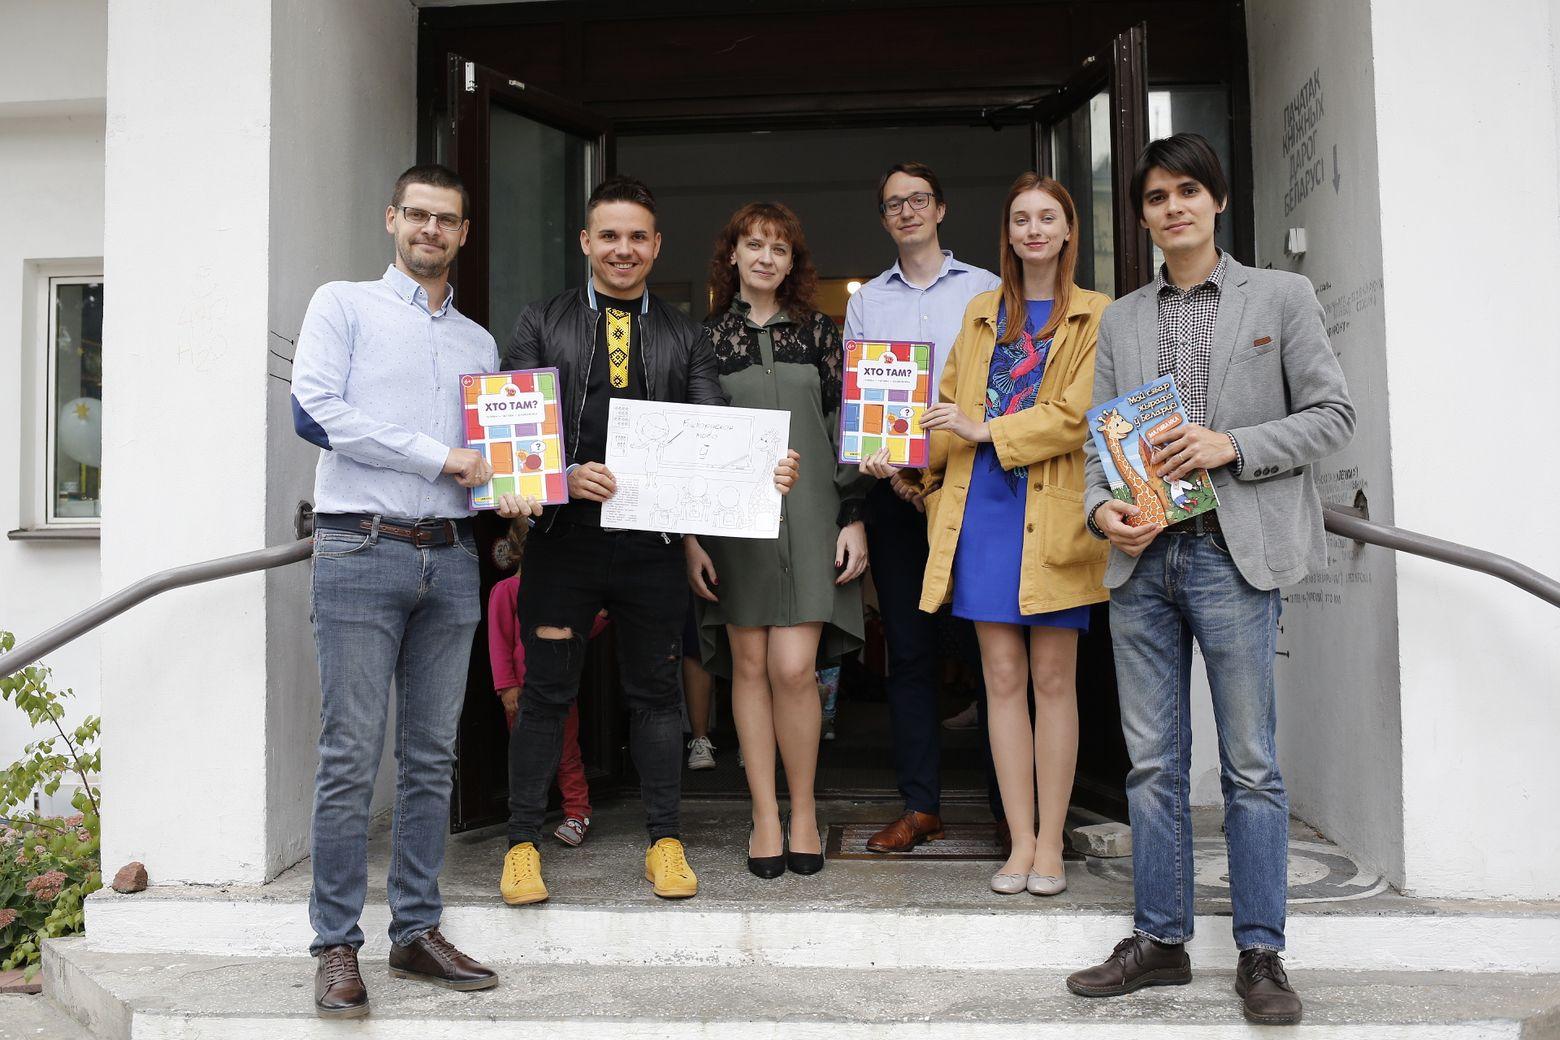 Проект «Скарбонка гульняў» при поддержке velcom